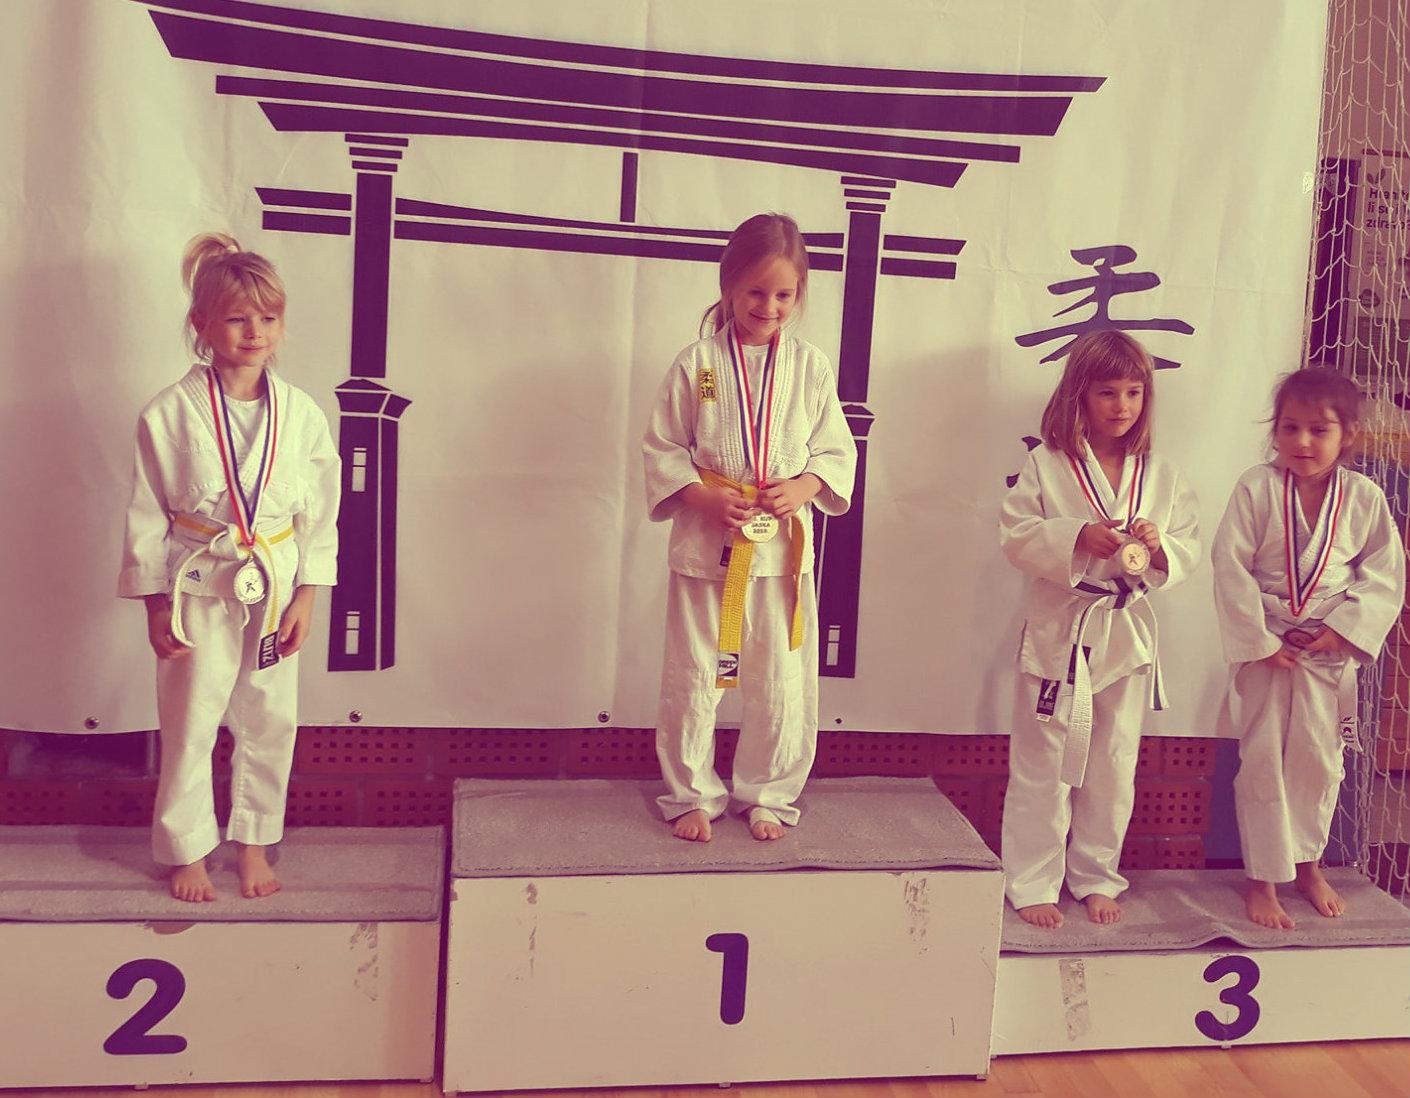 judoistka judo kluba bela krajina,Maruša Matjašič osvoji 3. mesto